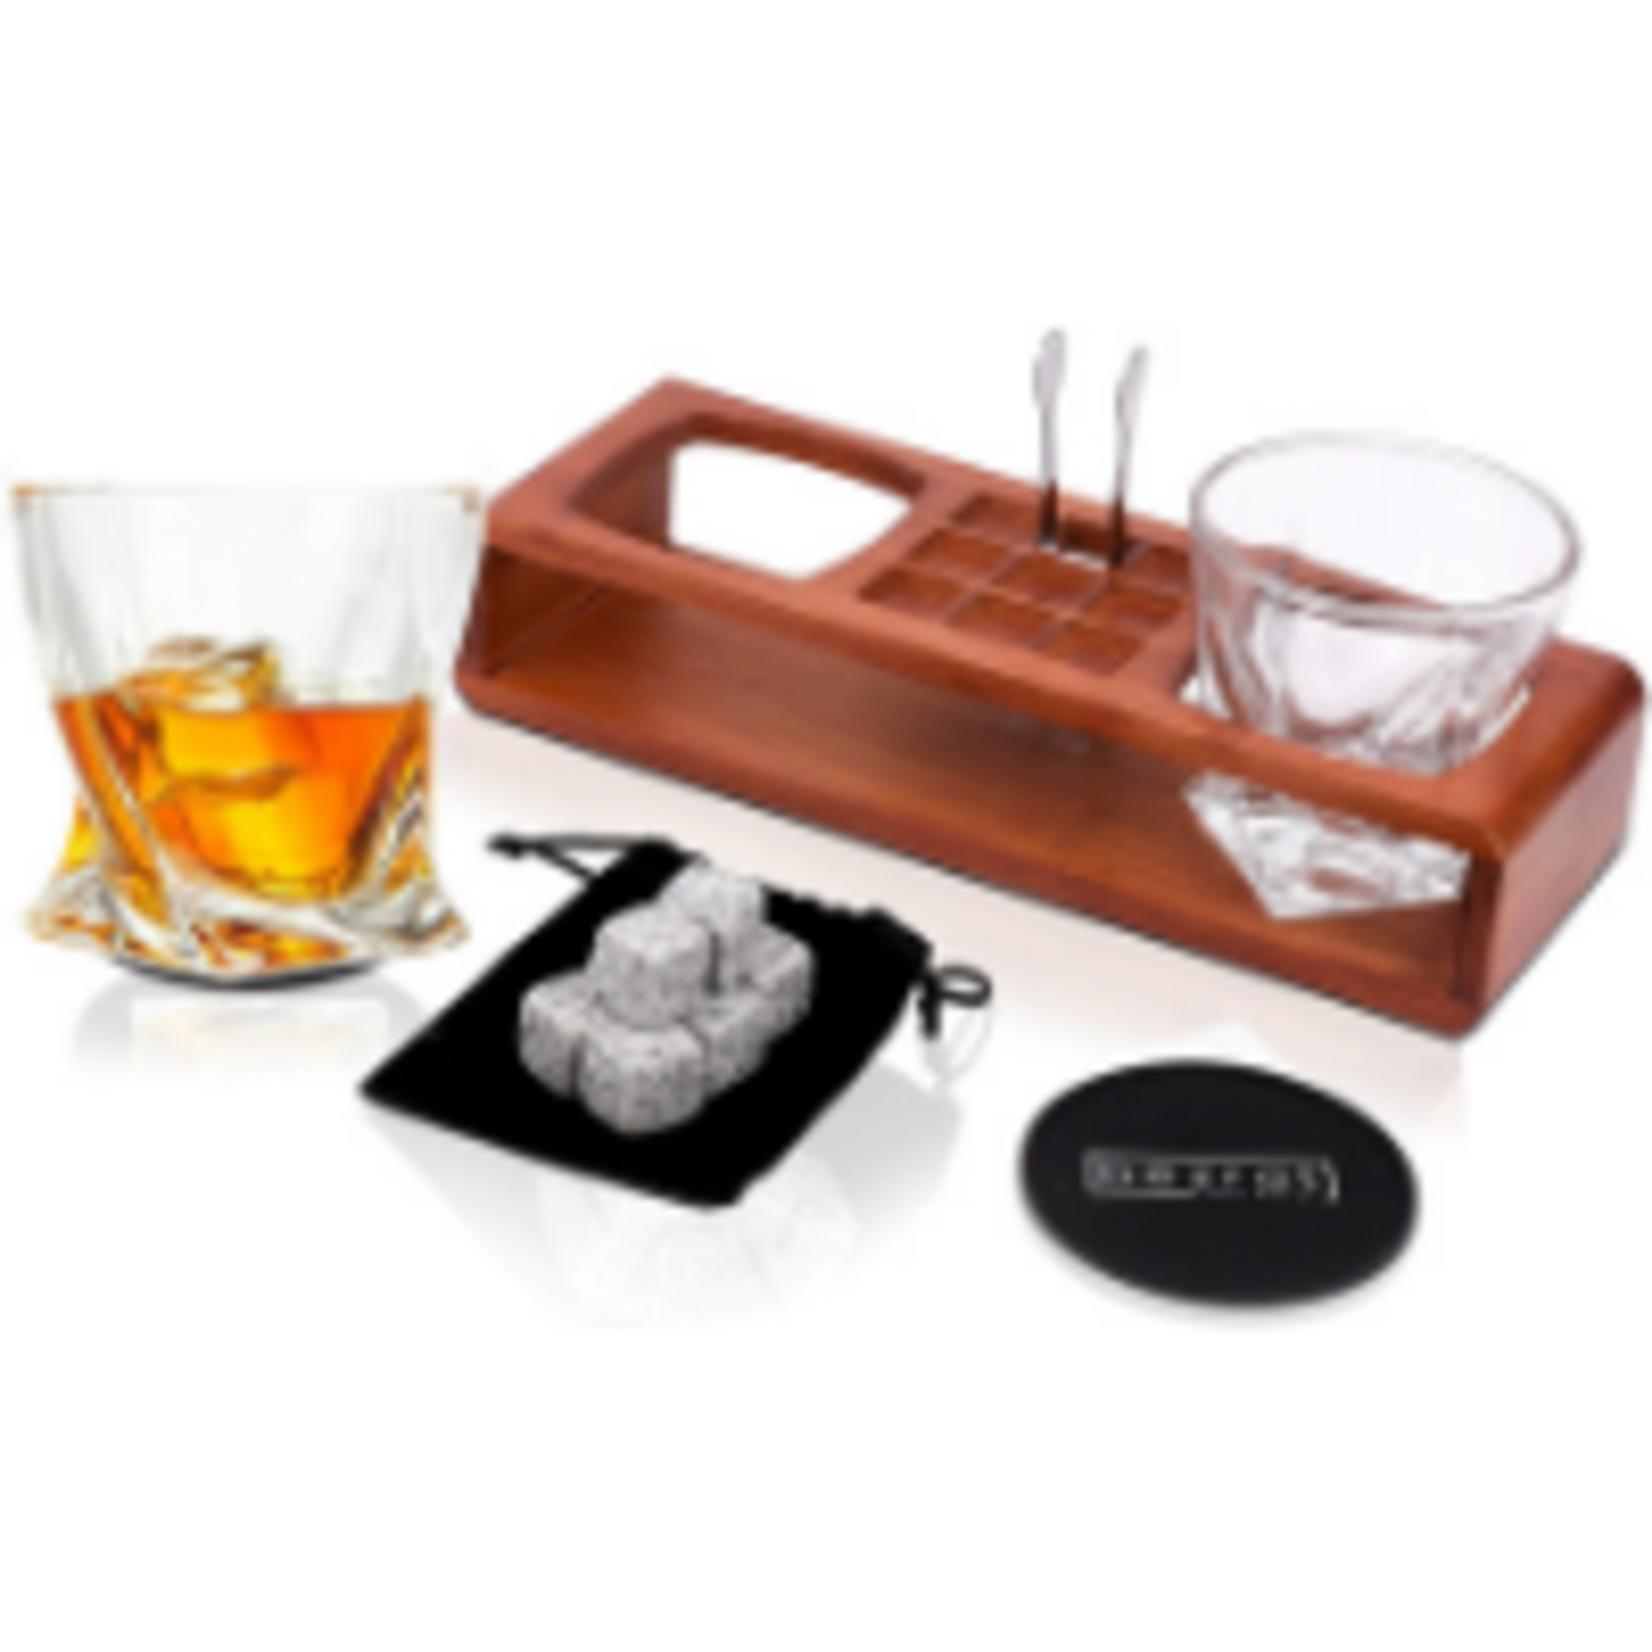 Bezrat Whiskey Glass Wood Stand Set